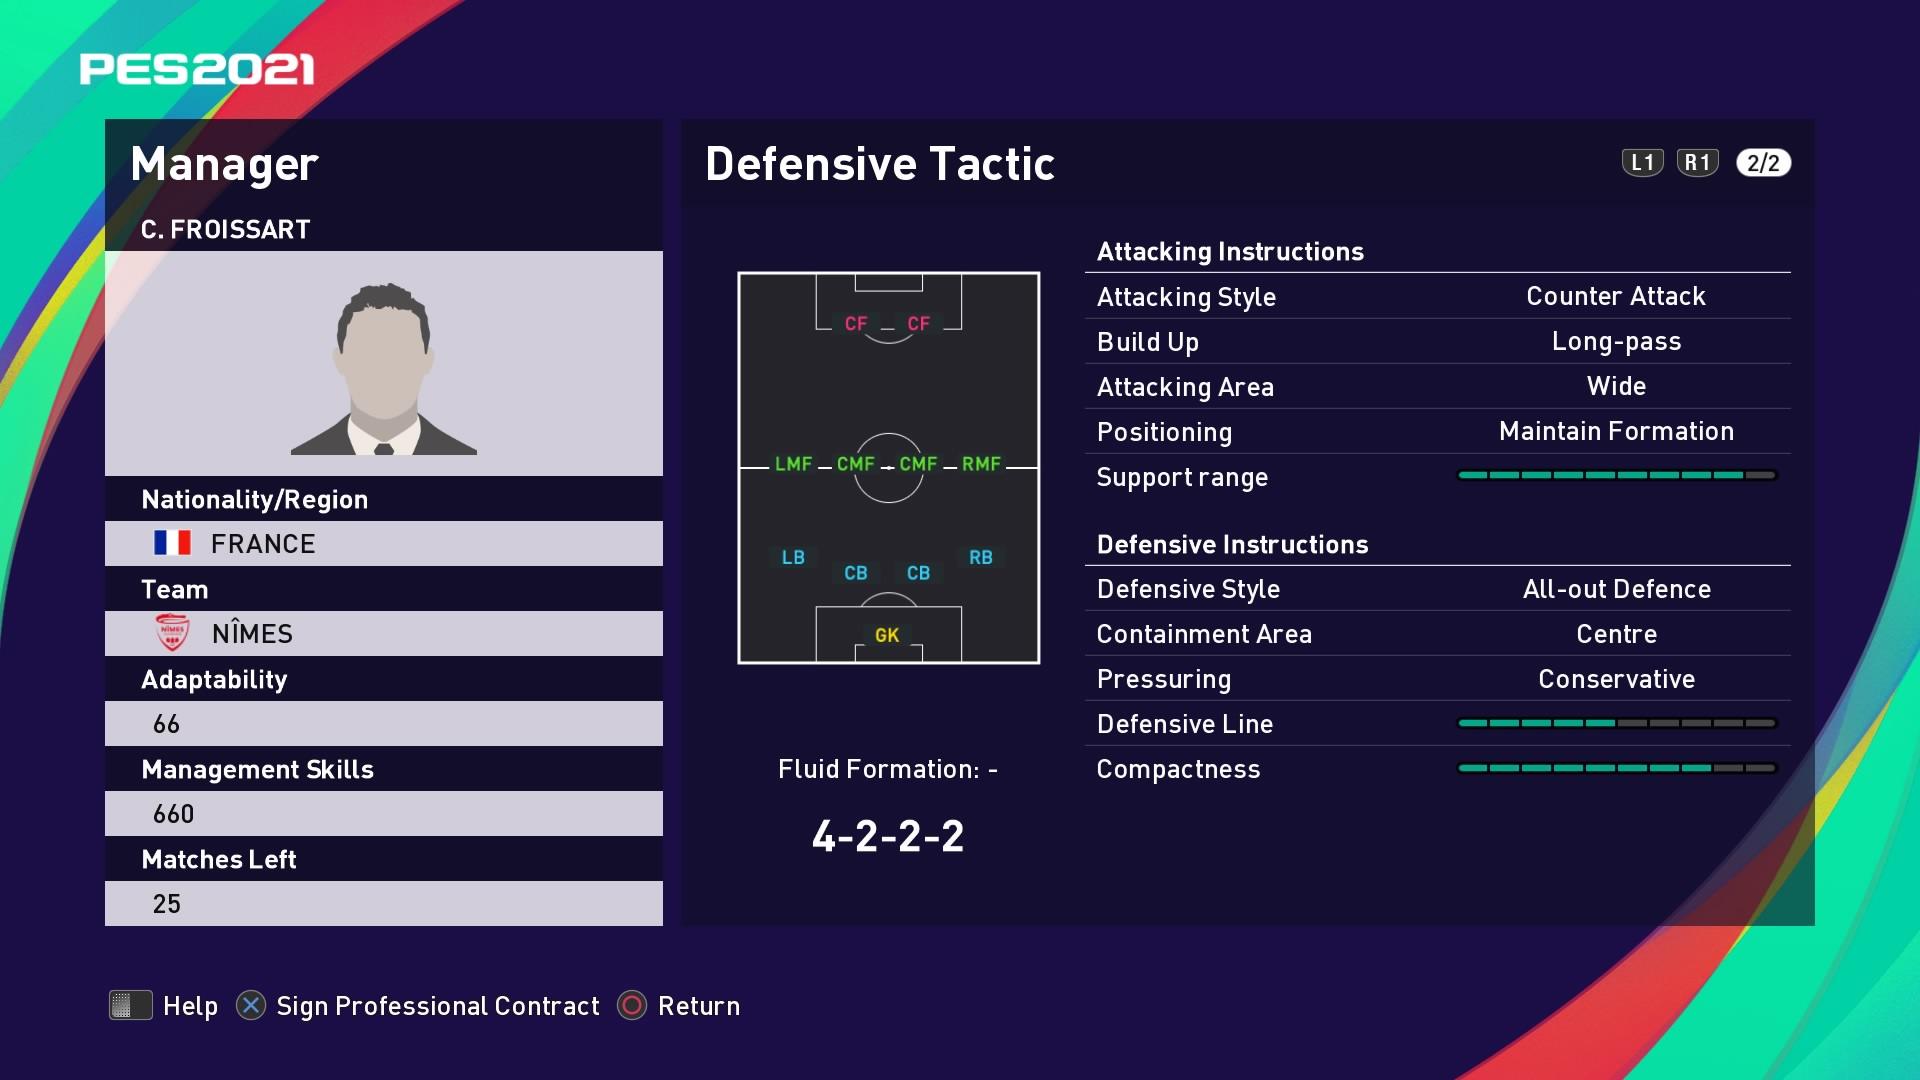 C. Froissart (Bernard Blaquart) Defensive Tactic in PES 2021 myClub